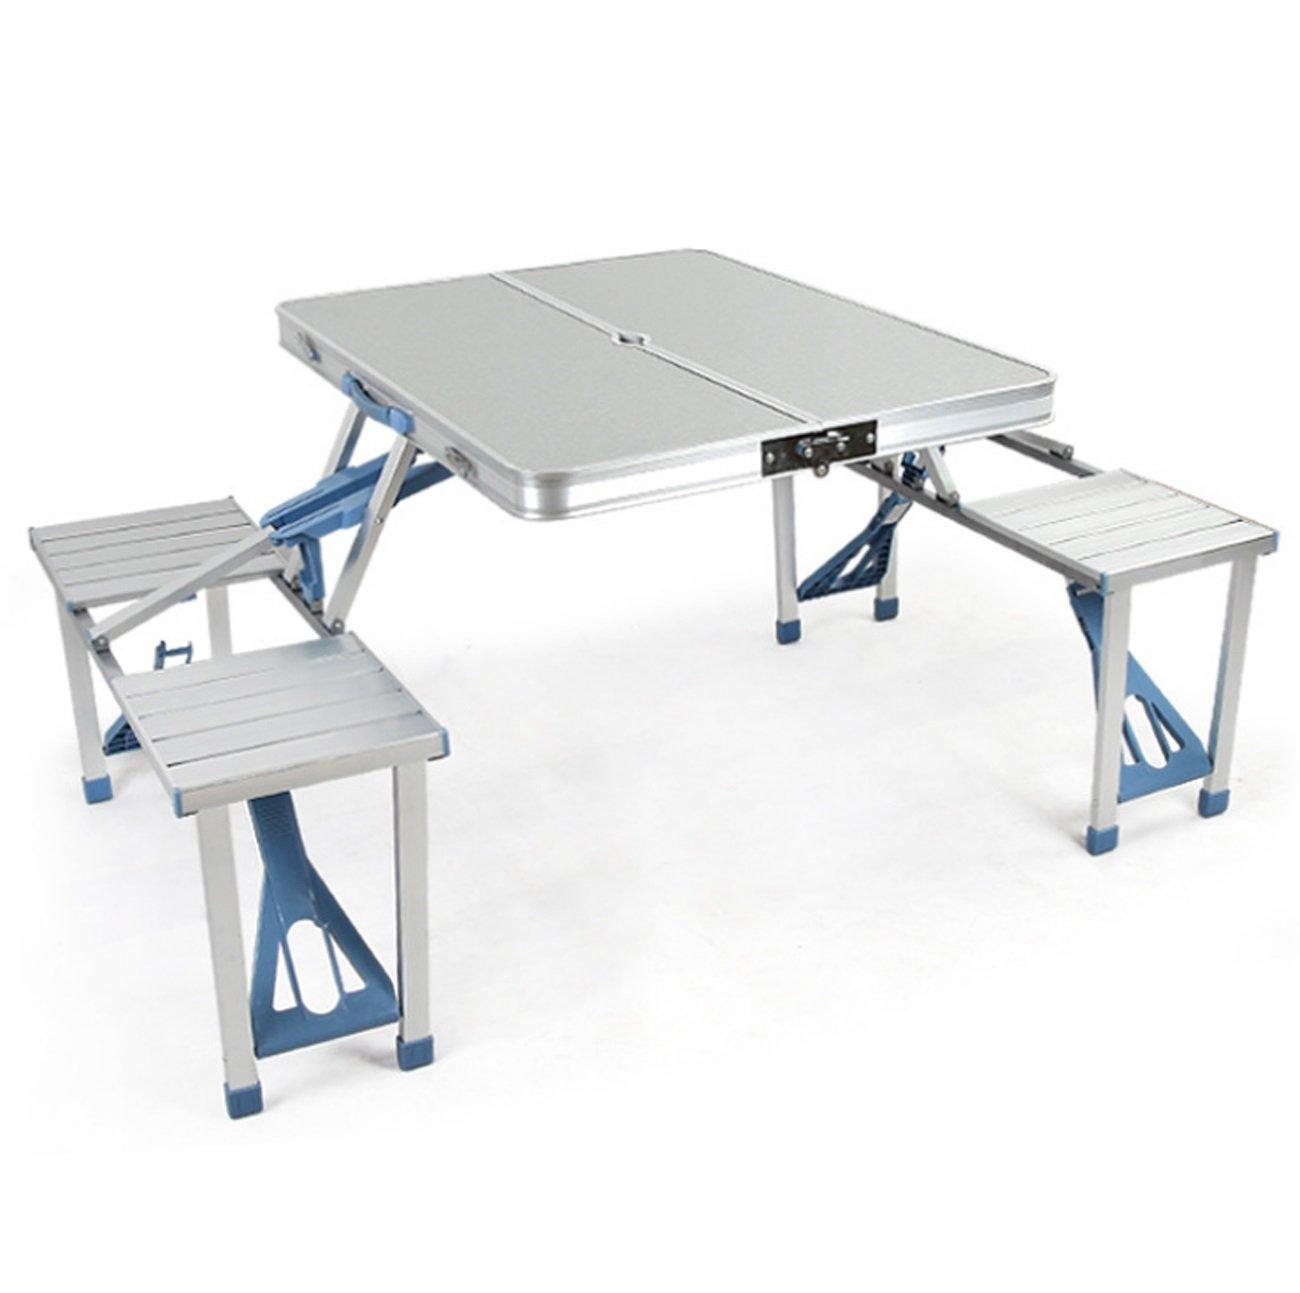 アウトドアキャンプ、ピクニック、バーベキューのための4椅子と統合されたアルミ合金の折り畳み式テーブル B07D5WHVF2